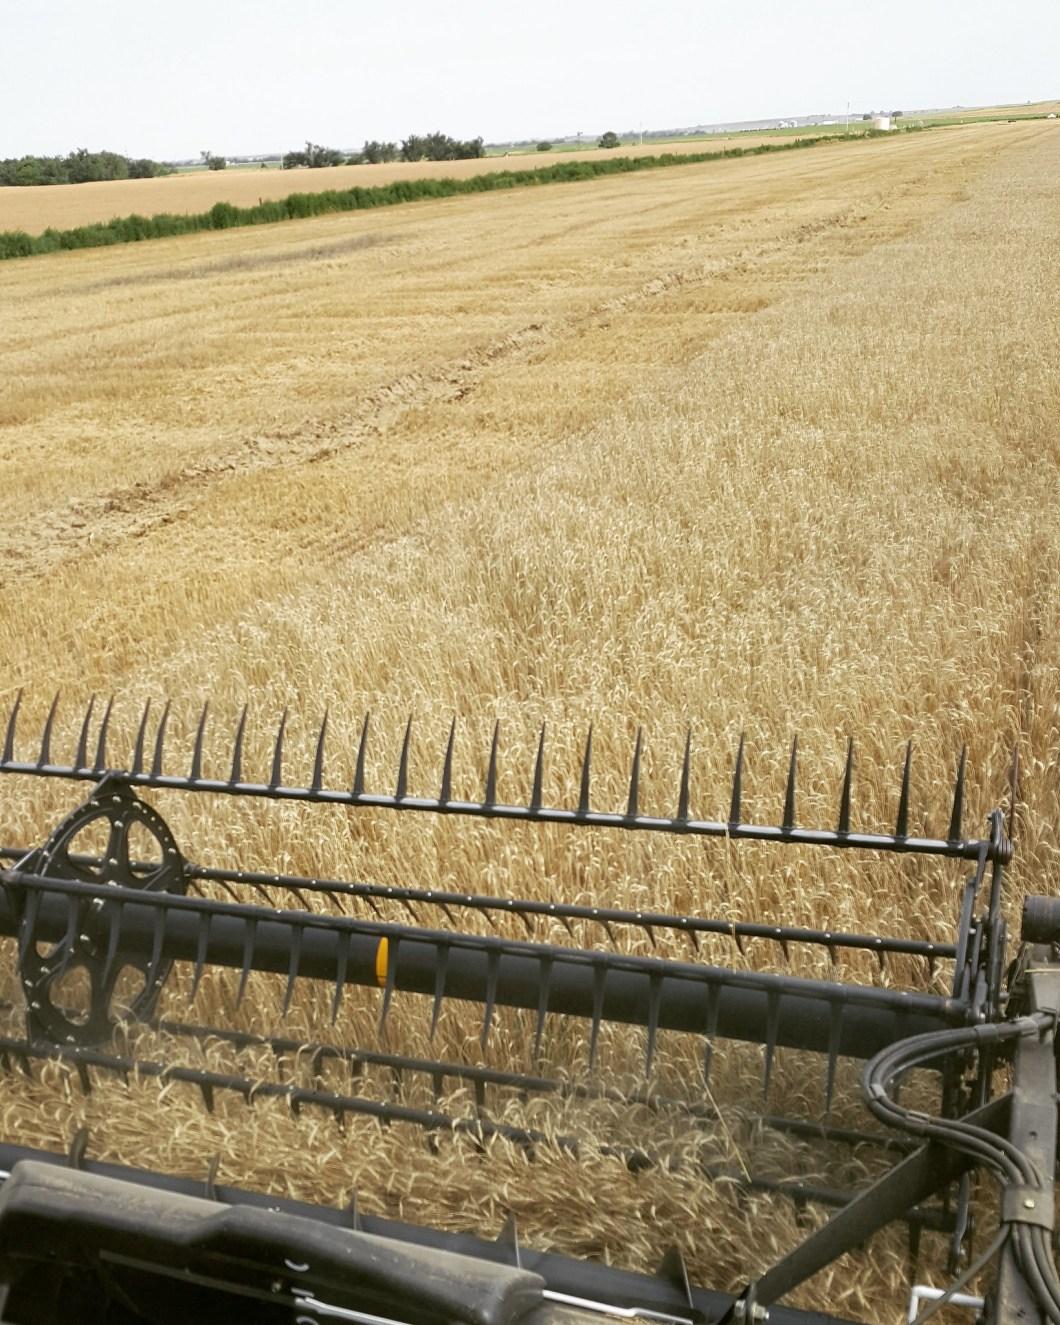 Schemper 2017 - Oklahoma Wheat Harvest